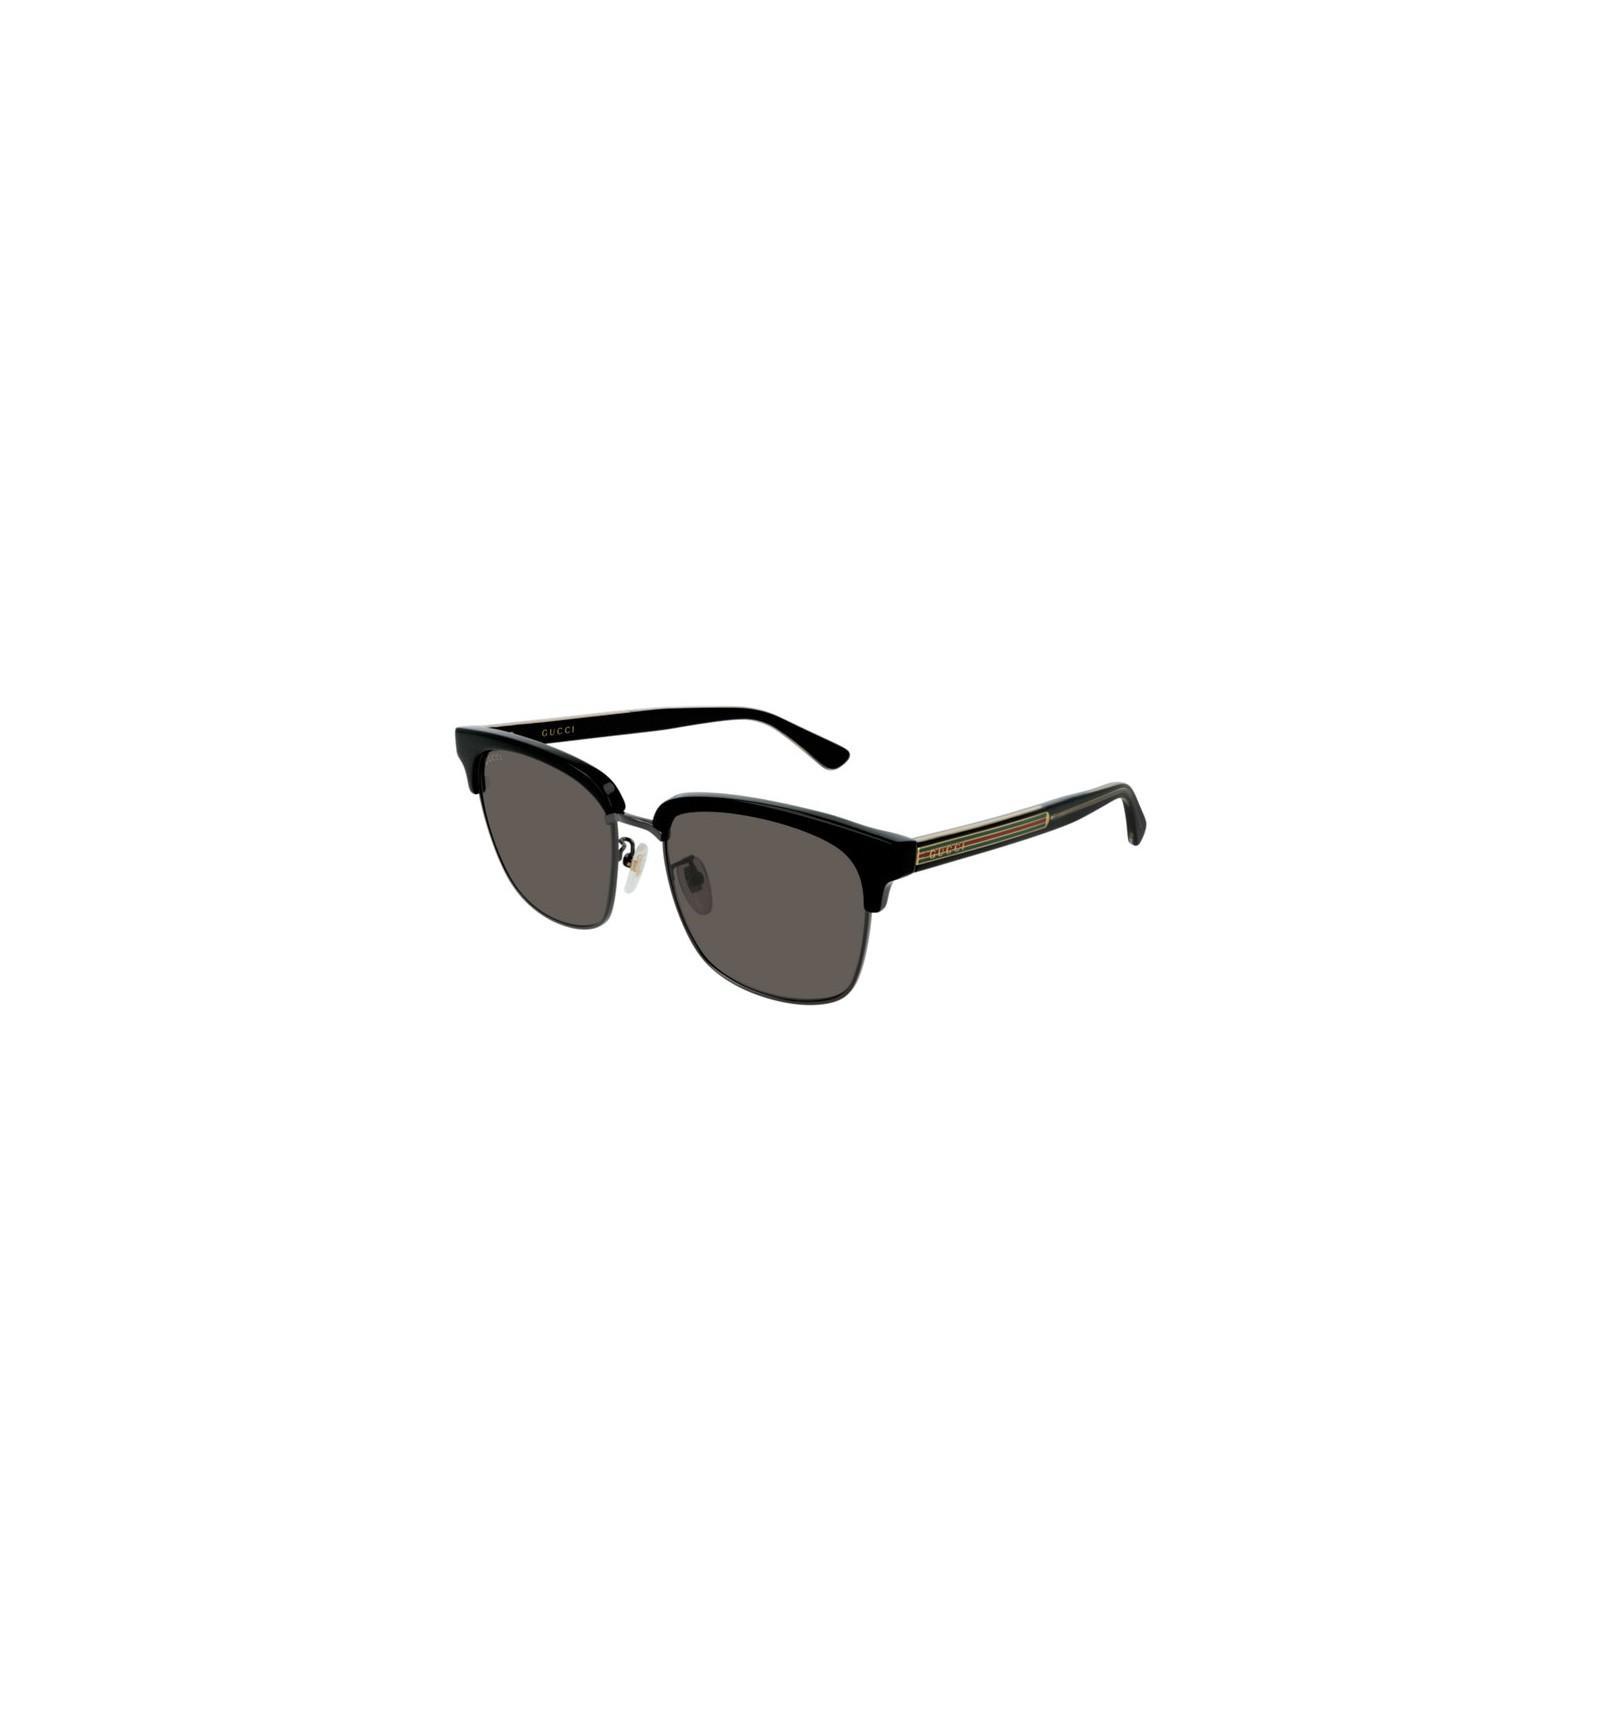 d585e51bf Nuevo 2019 Nuevo Gafas de Sol GUCCI GG0382S Black - Grey (001)